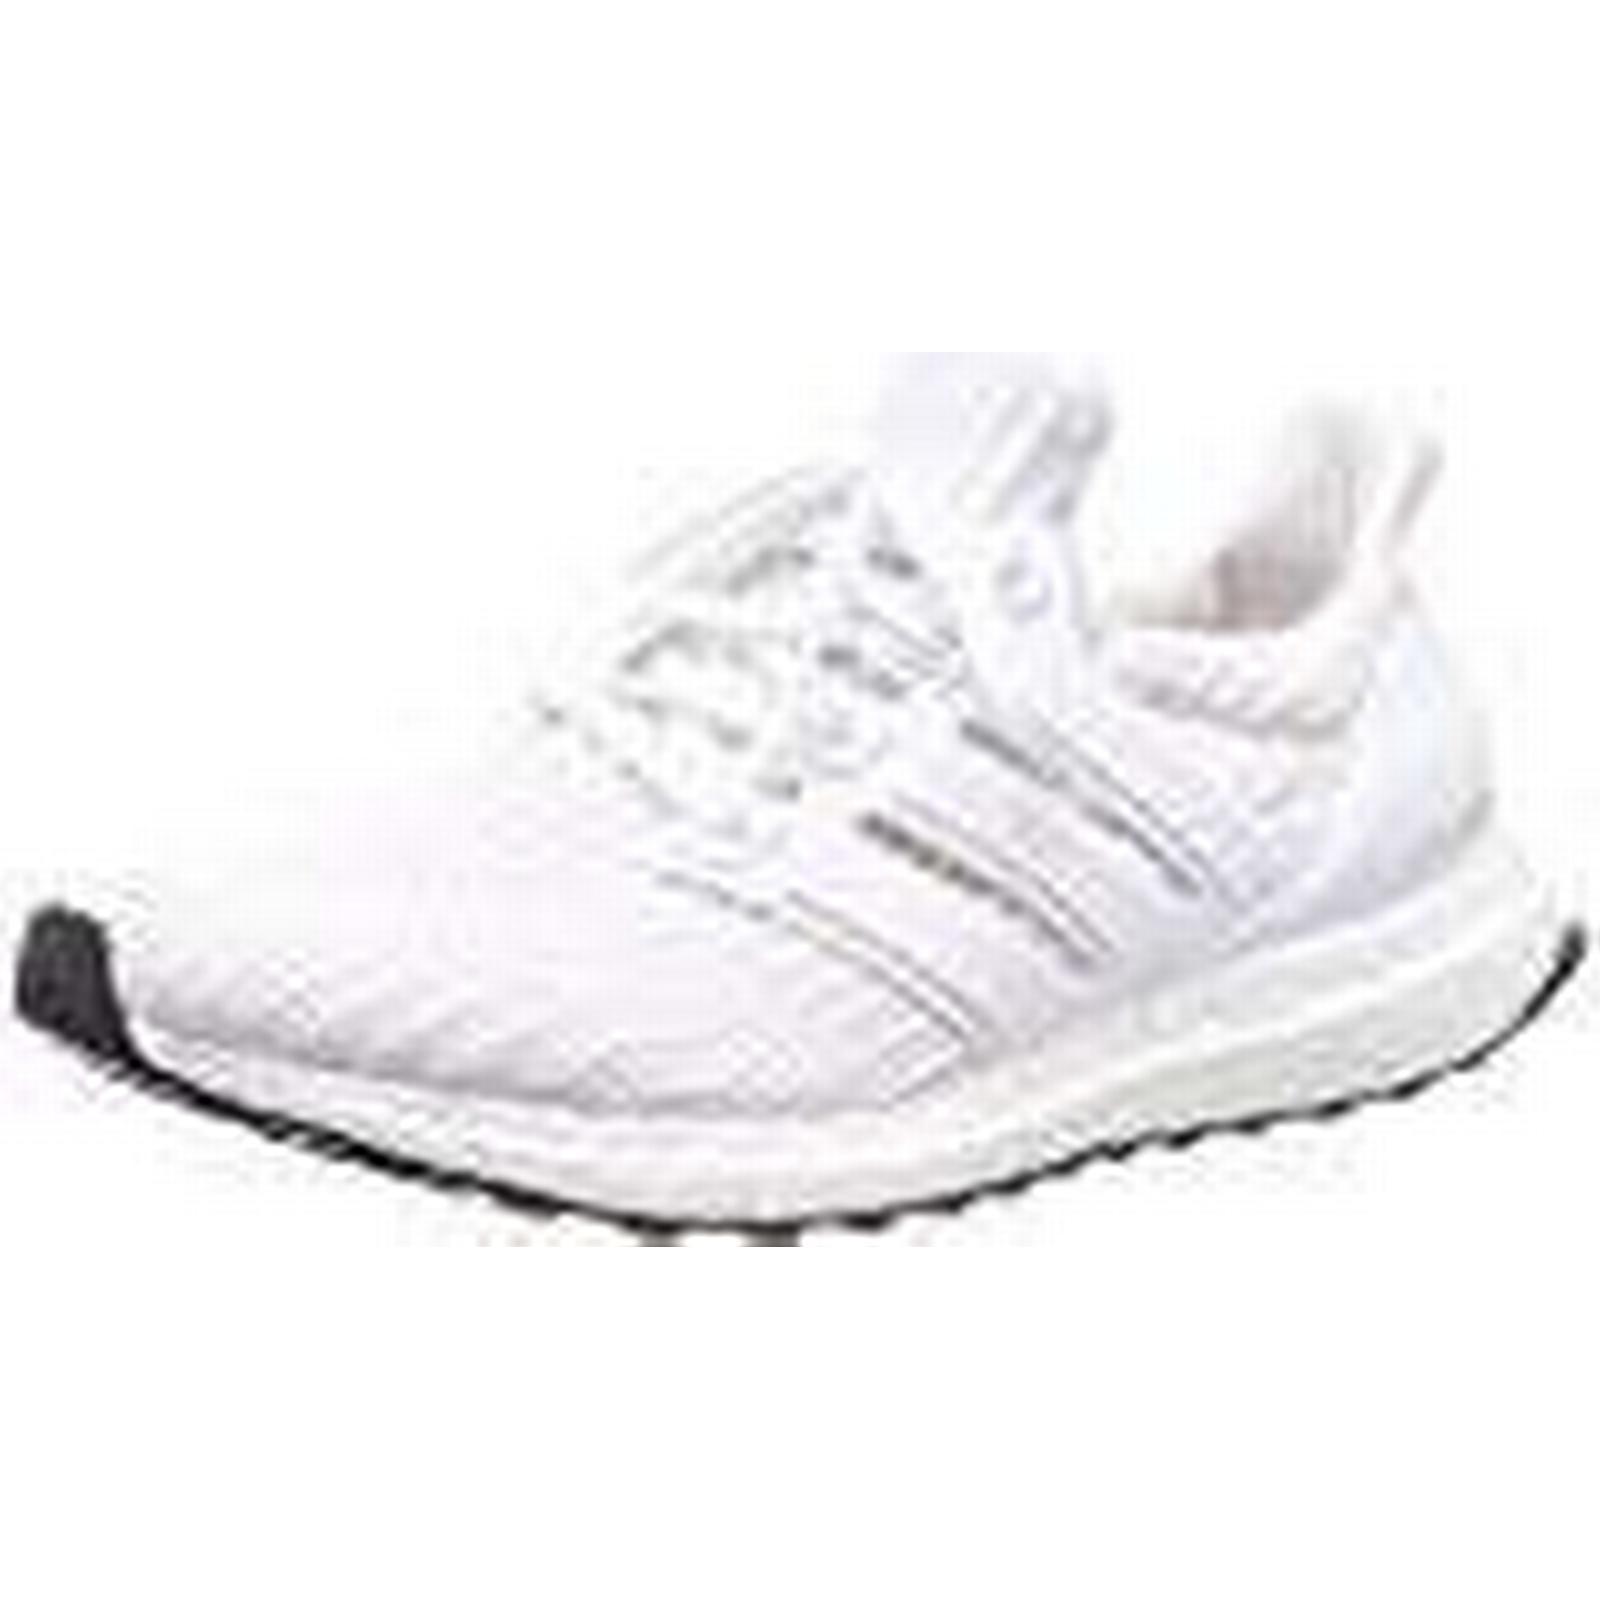 Adidas Women''s Ultraboost Running Shoes, UK Footwear White 0, 7 UK Shoes, 40 2/3 EU 482b30